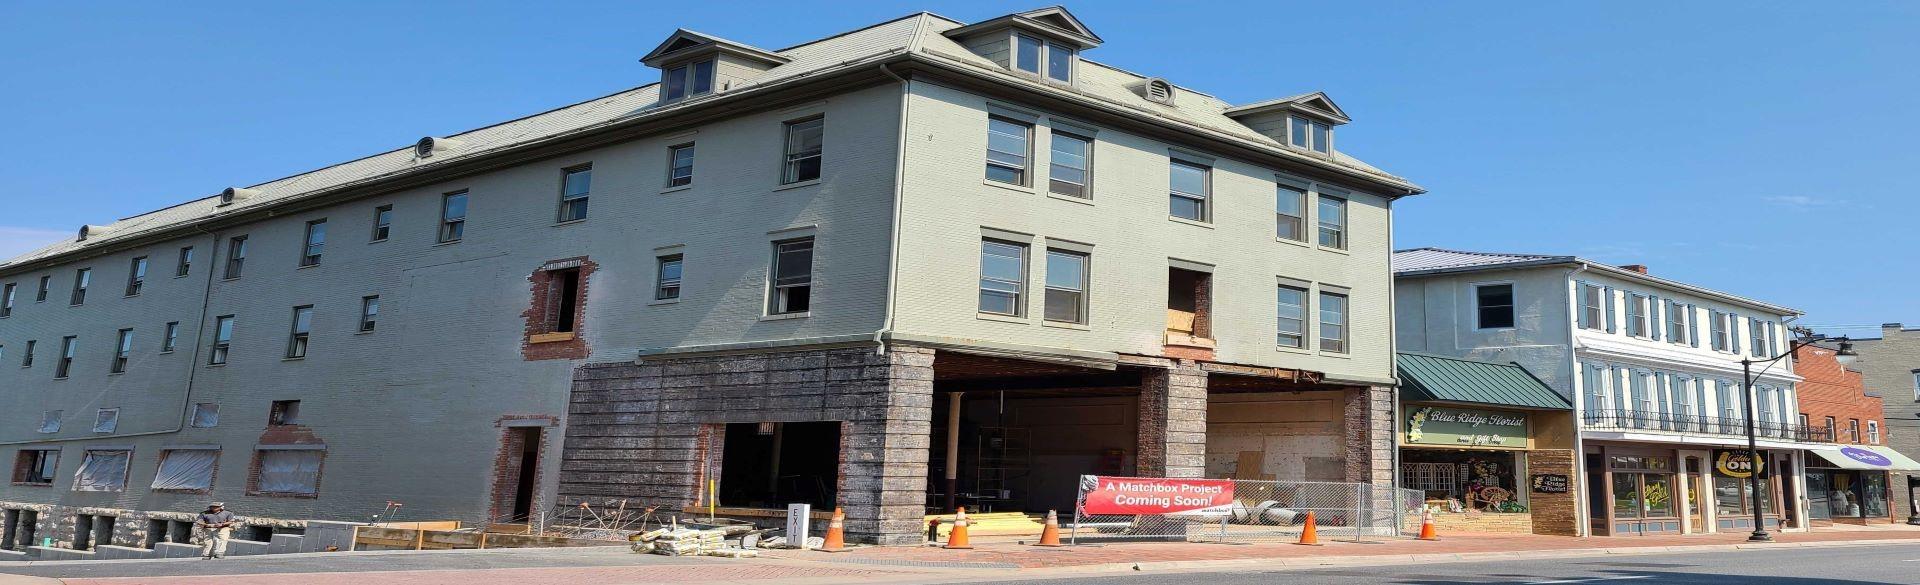 157 N. Main Street, Suite 101